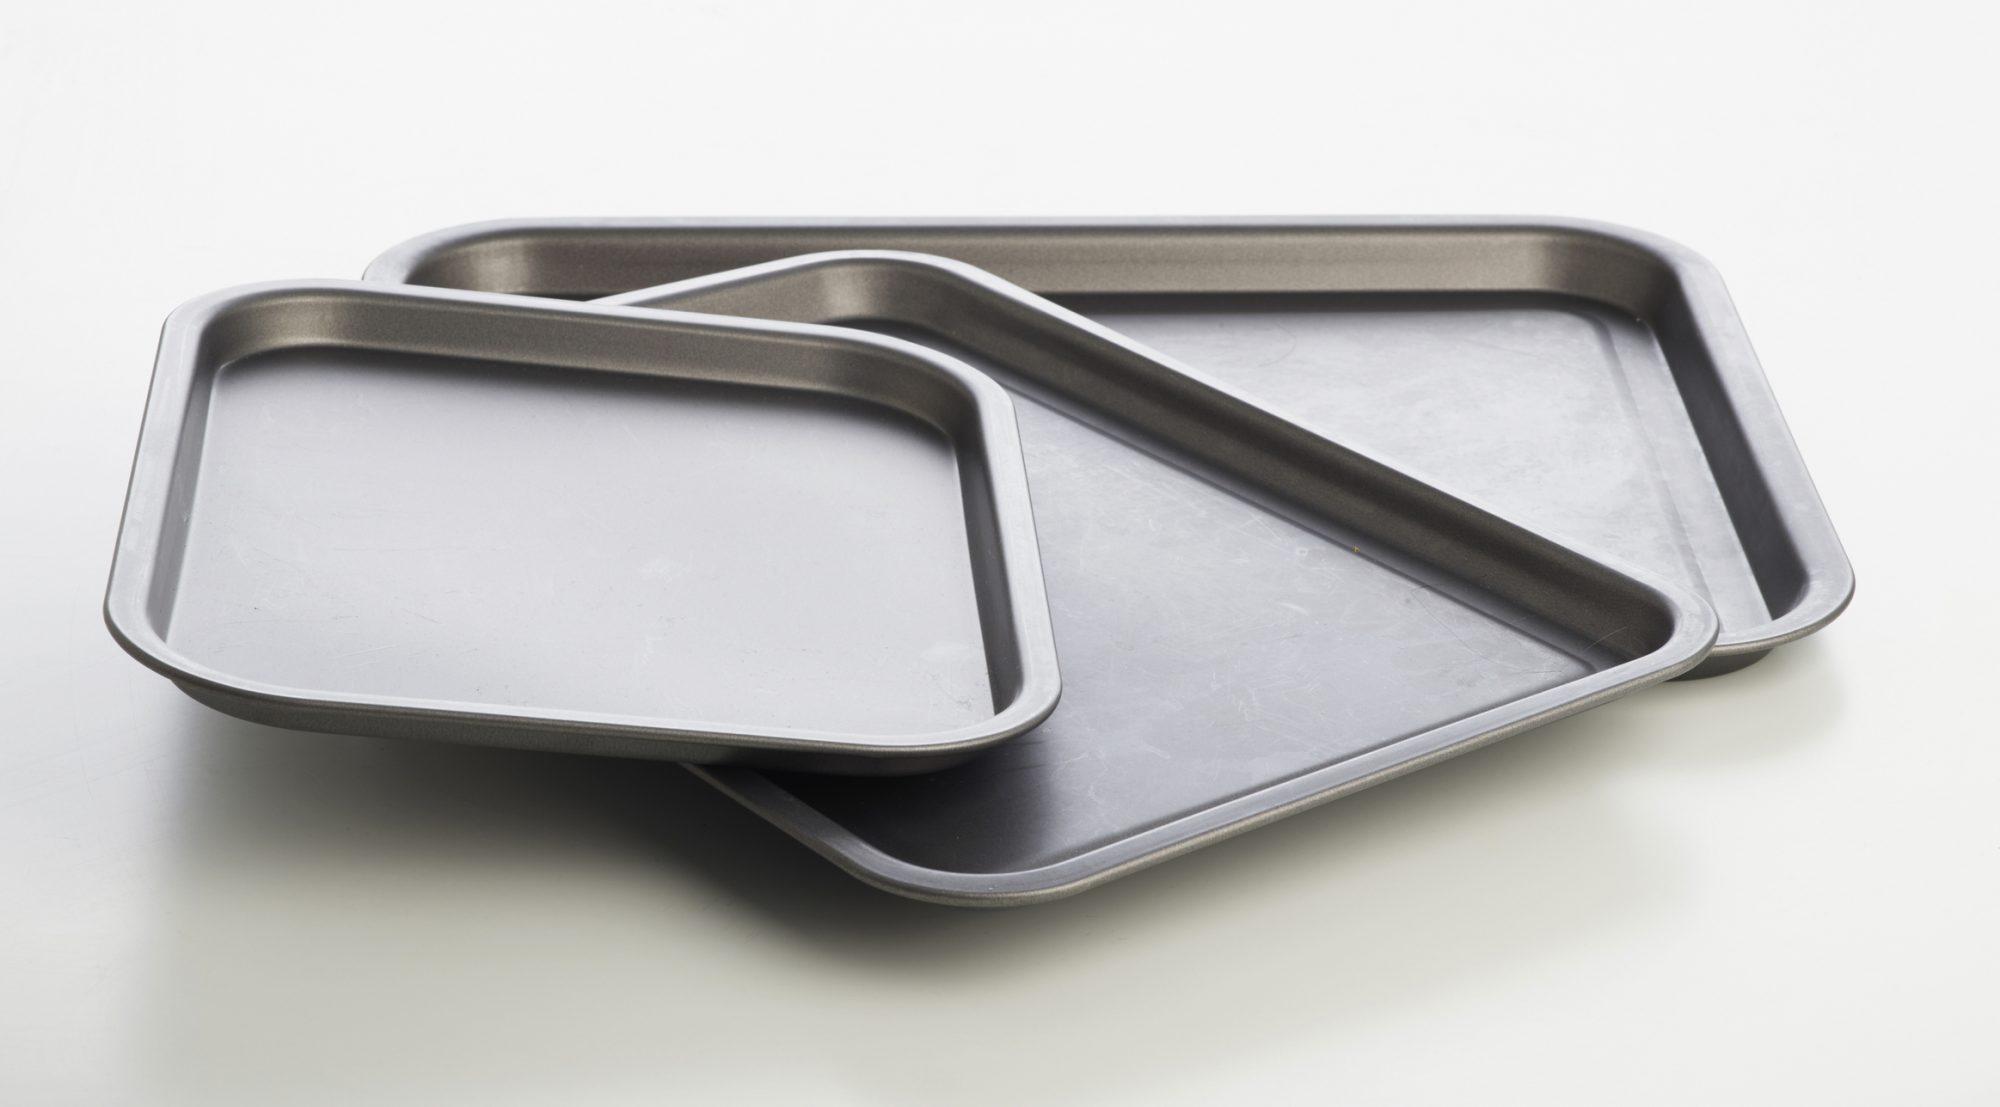 quarter-sheet-pans.jpg